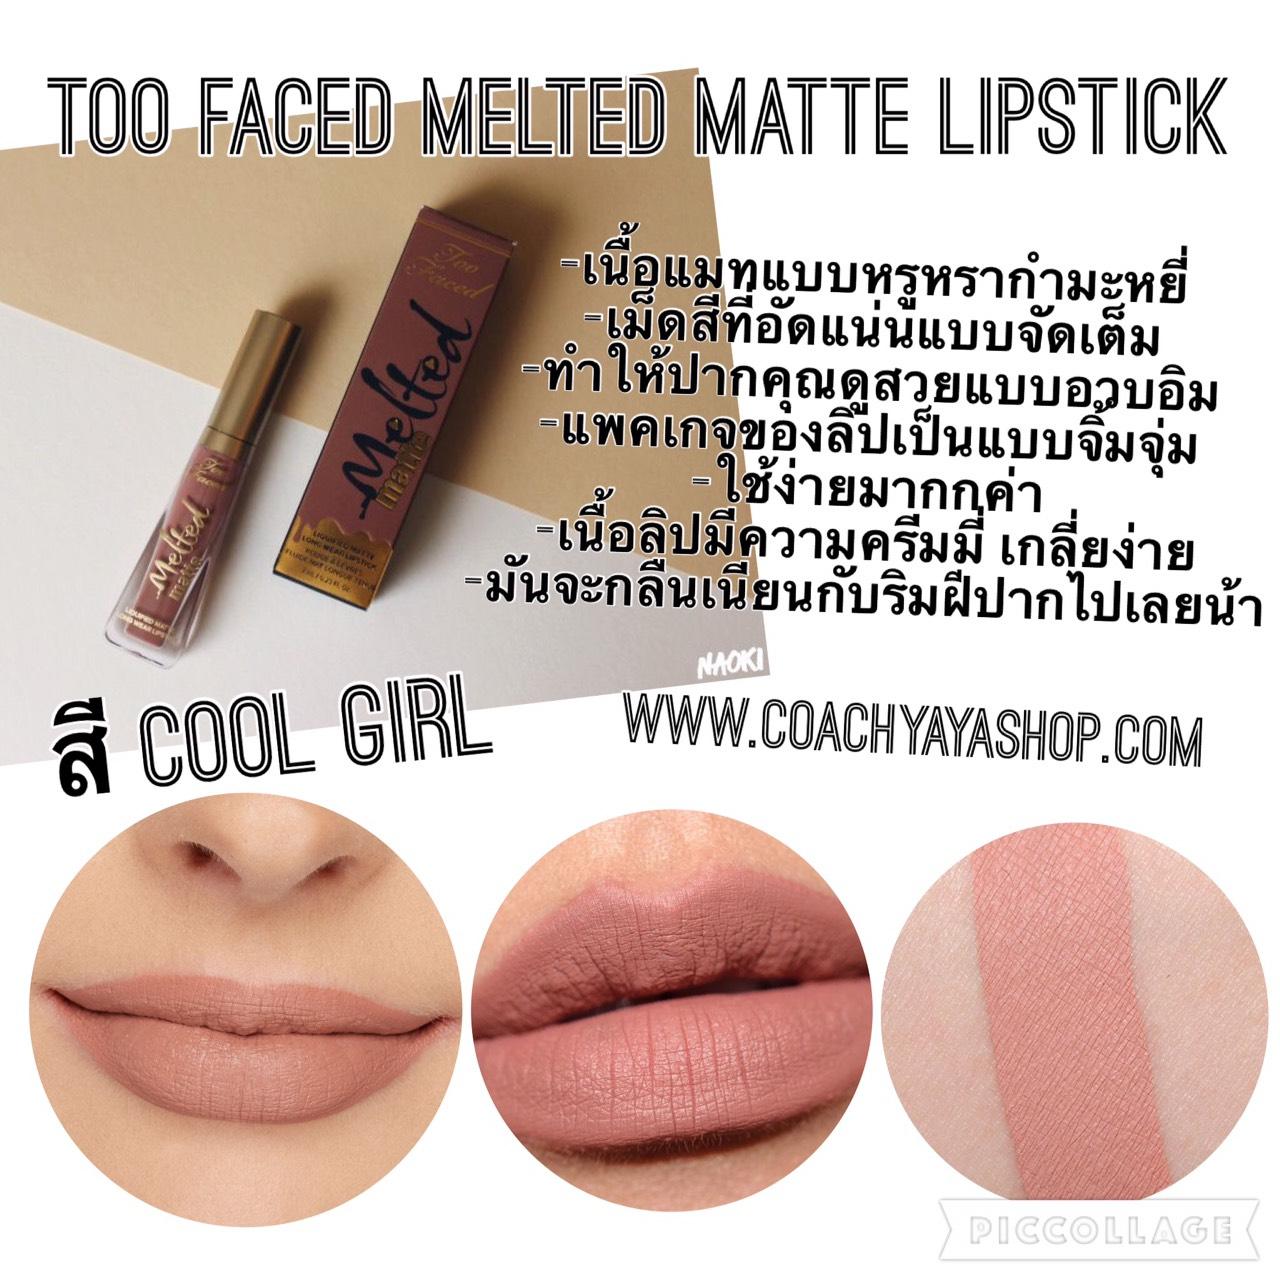 **พร้อมส่ง+ลด 30%** too faced melted matte liquid lipstick สี cool girl 7 มิล(ไซด์เต็ม)